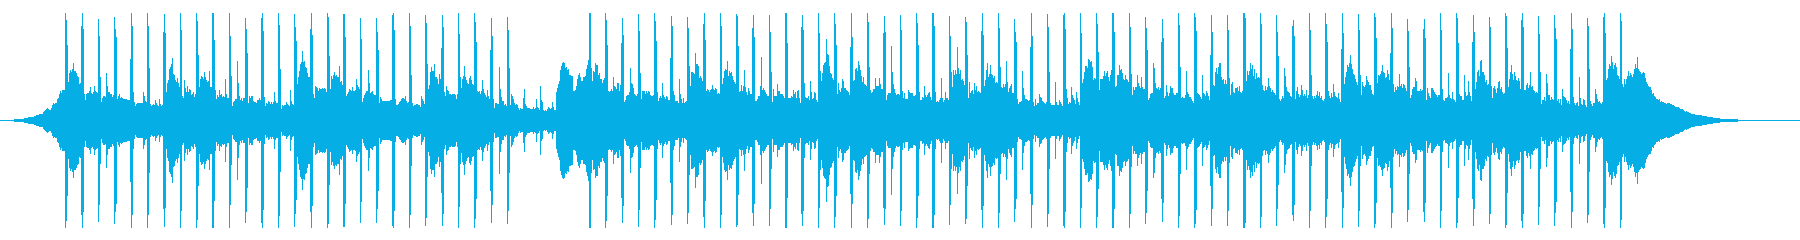 健康医療(60秒)の再生済みの波形